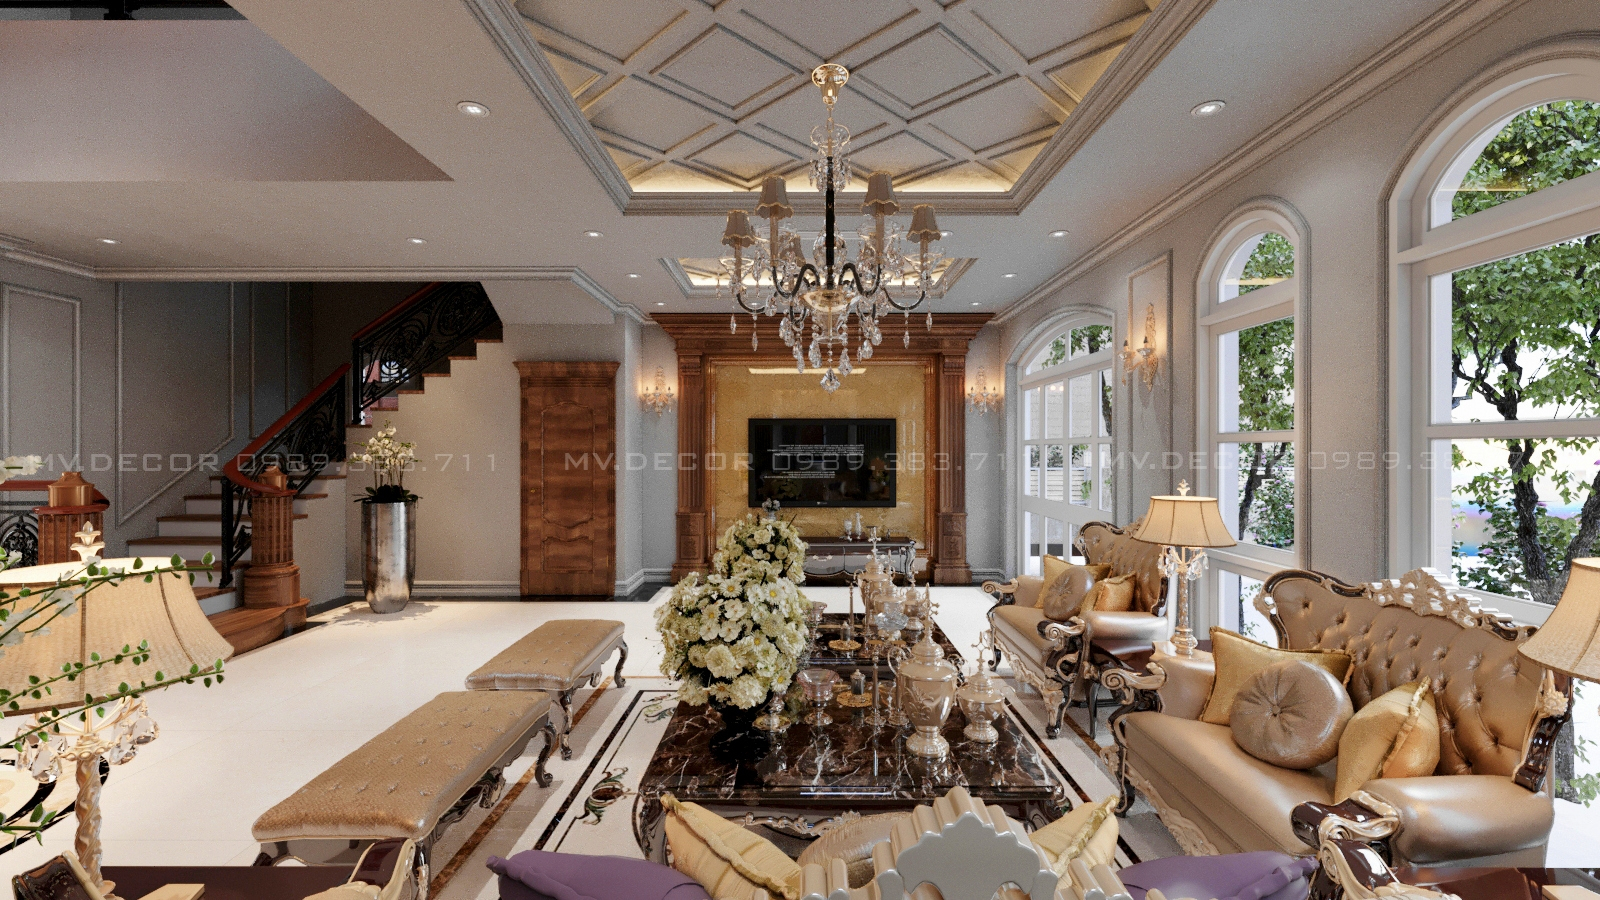 thiết kế nội thất Biệt Thự tại Hải Phòng BT VINHOME HẢI PHÒNG 2 1562719448